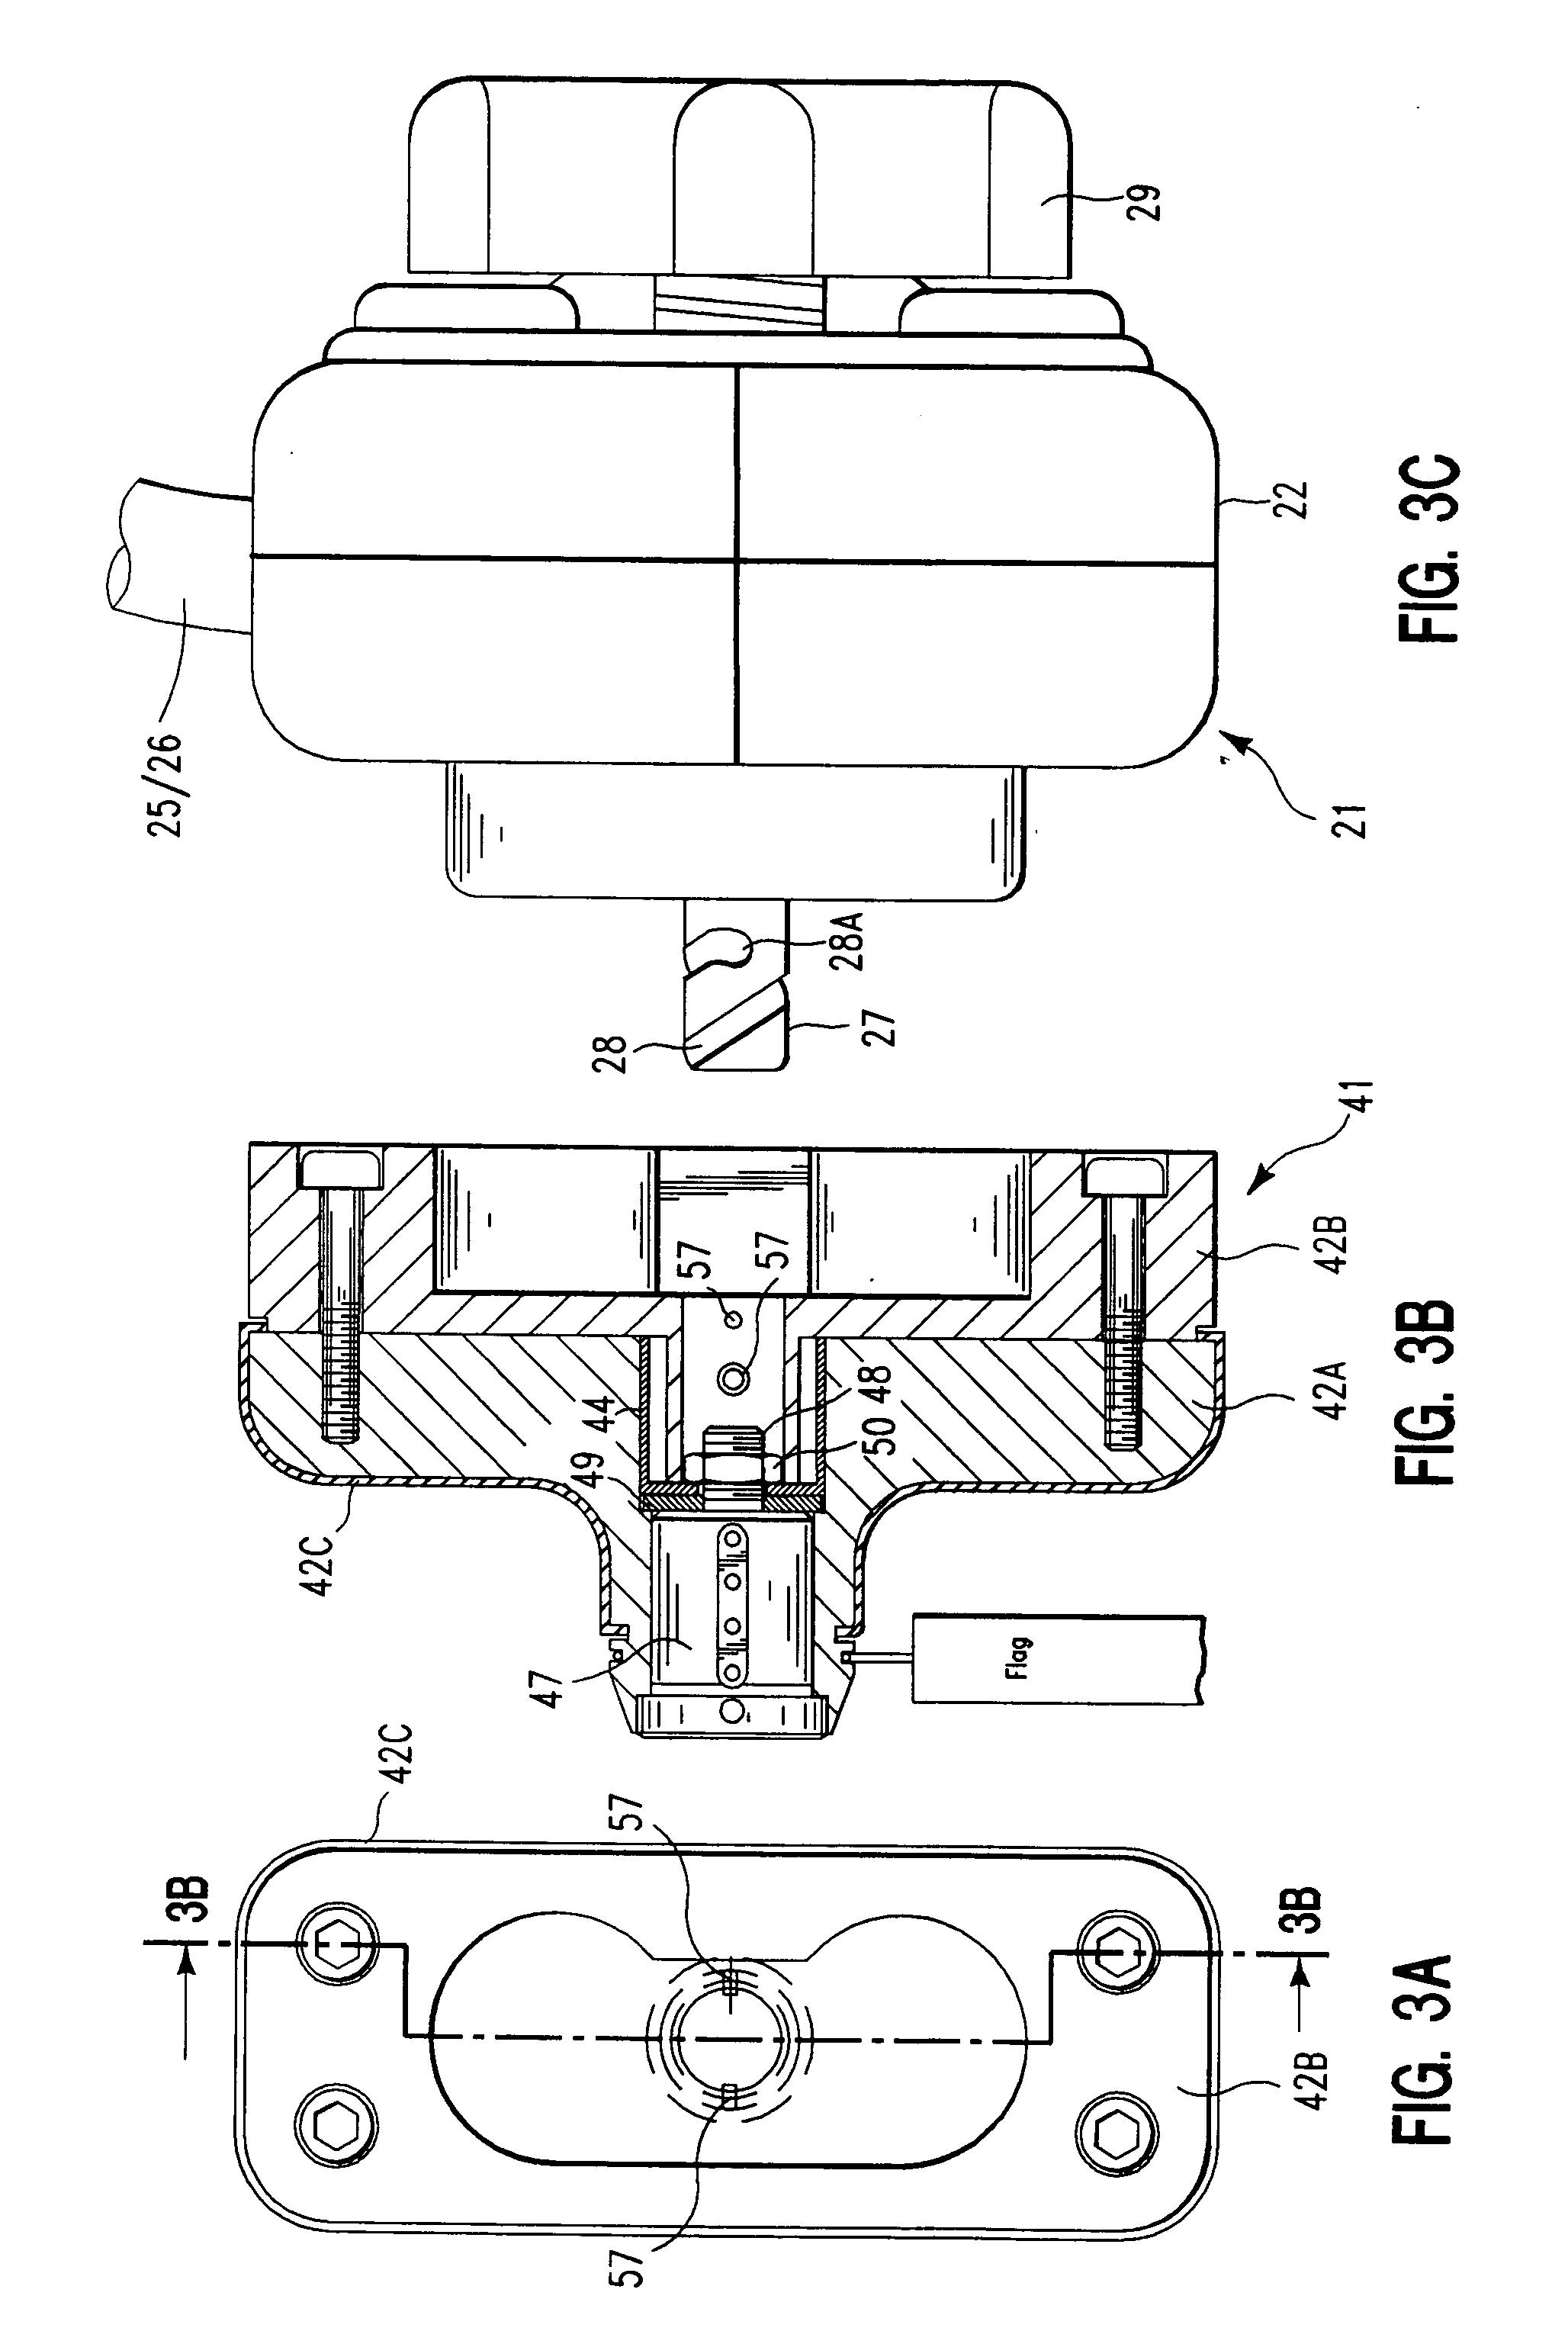 patent us20050287851